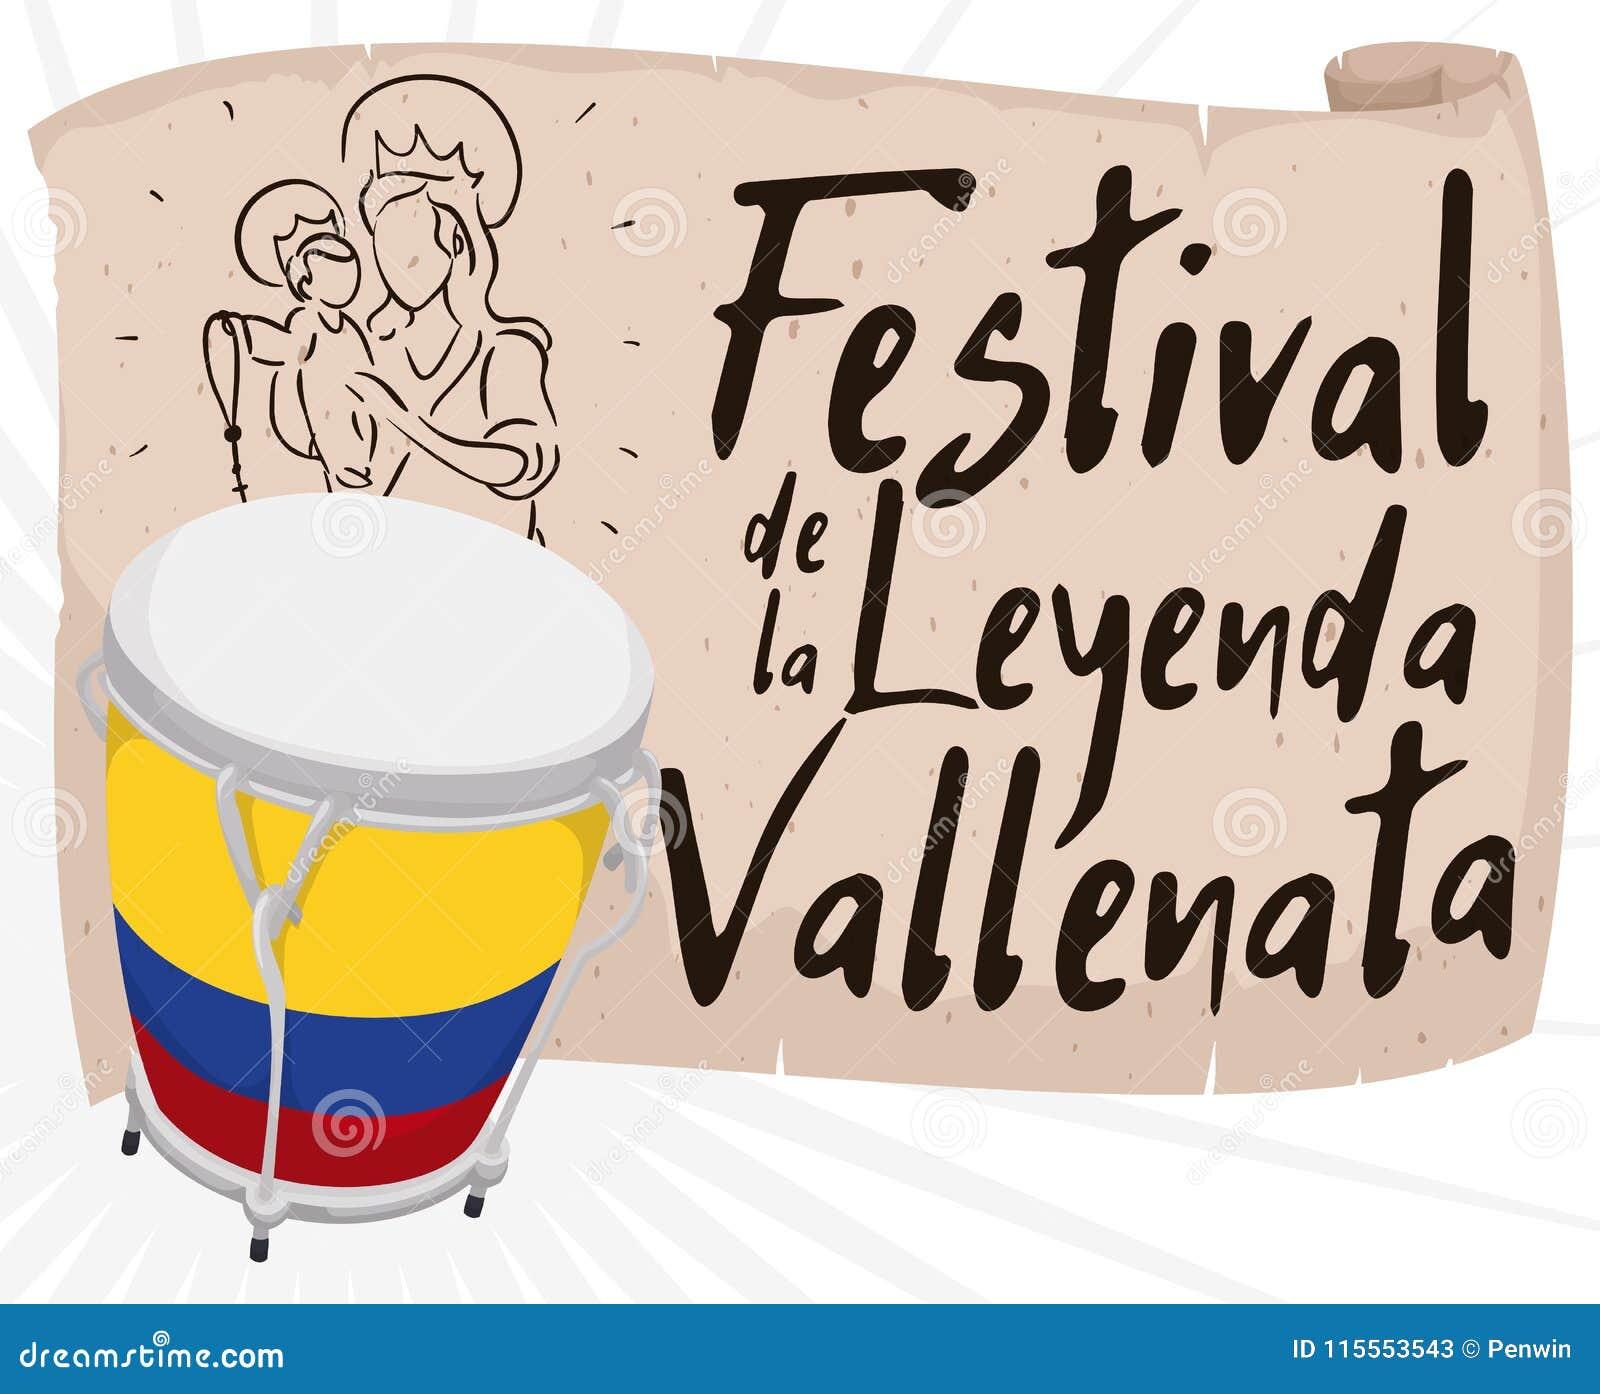 Caja och snirkel med religiös attraktion som främjar den Vallenato legendfestivalen, vektorillustration